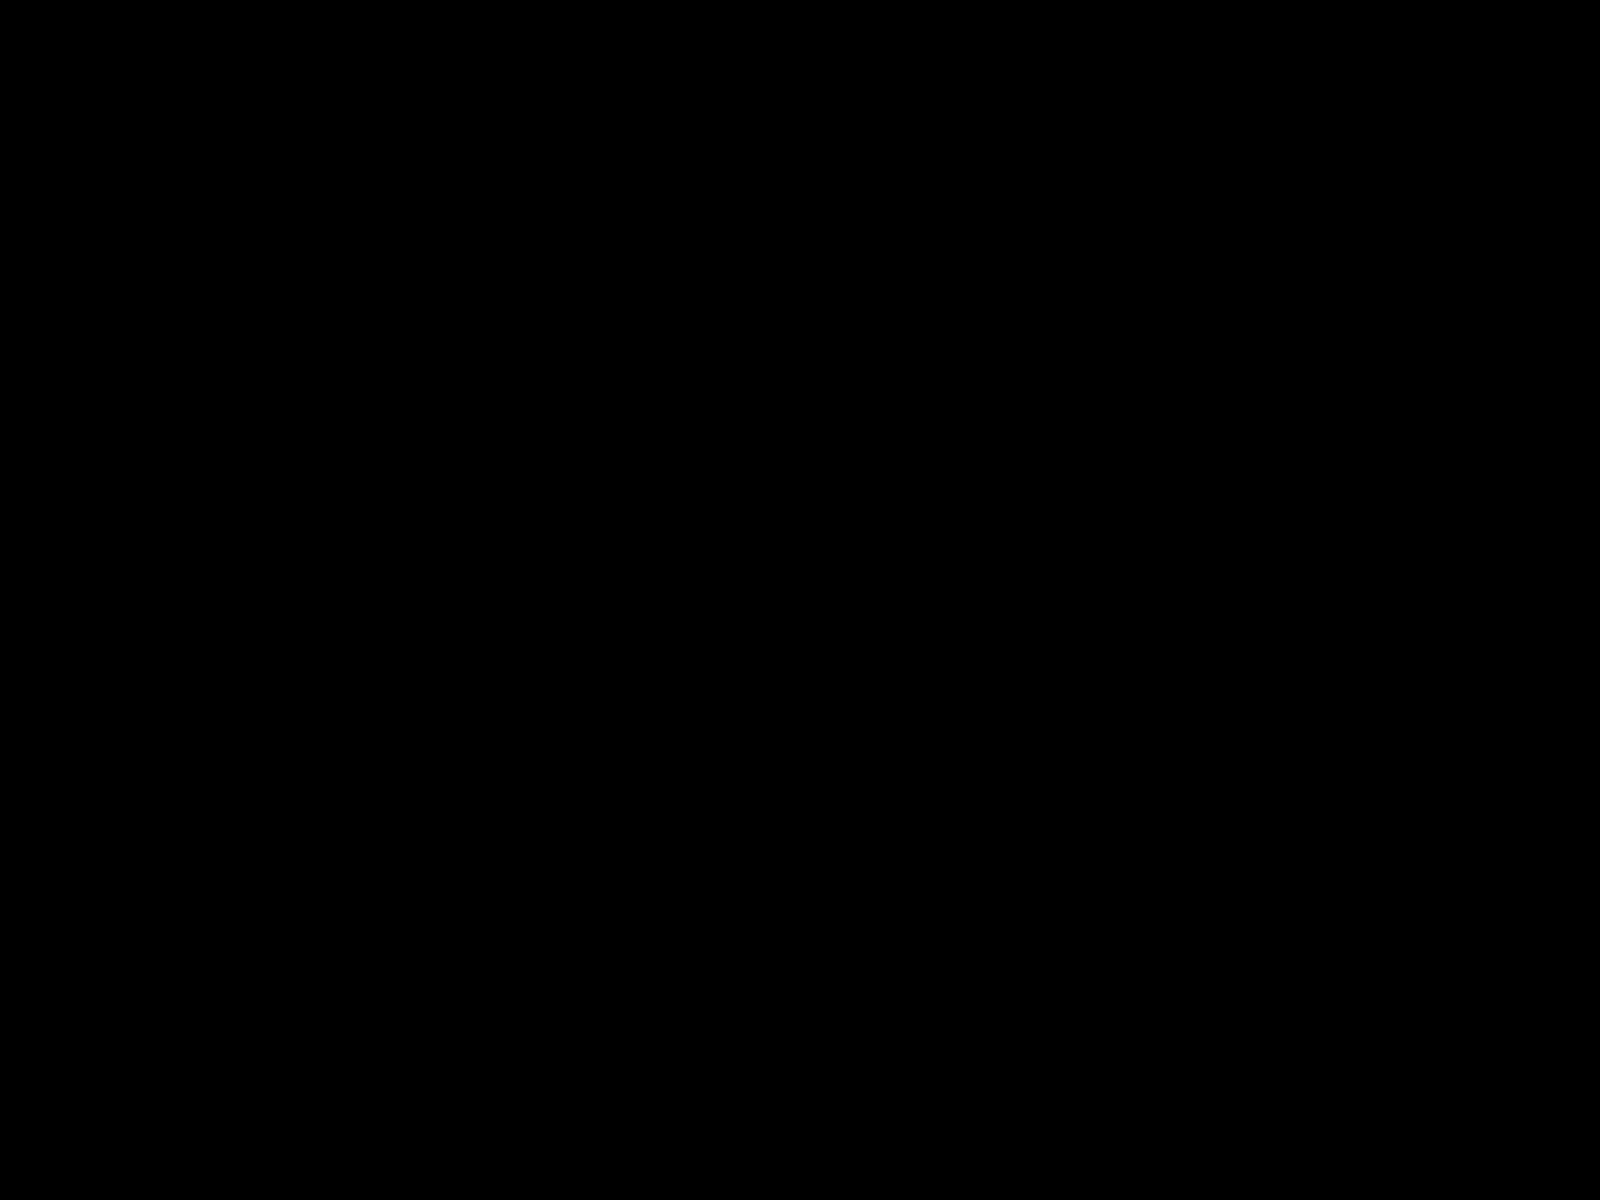 1934da42-43f9-490f-b201-8579da59cdc2